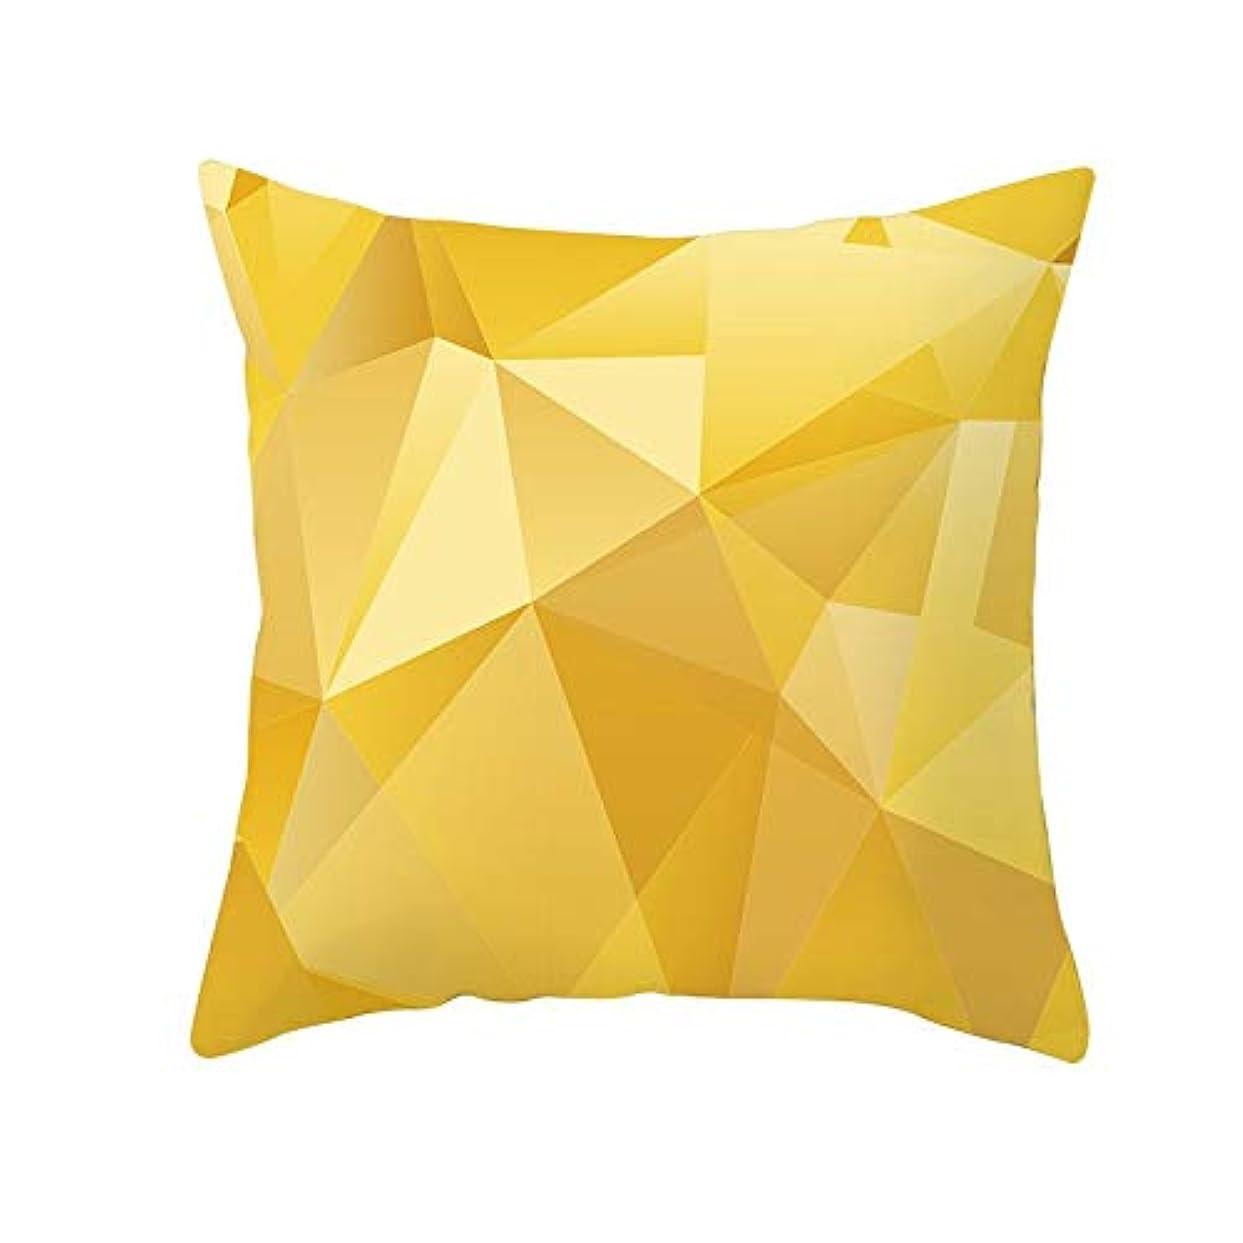 誰が不器用ウールLIFE 装飾クッションソファ 幾何学プリントポリエステル正方形の枕ソファスロークッション家の装飾 coussin デ長椅子 クッション 椅子